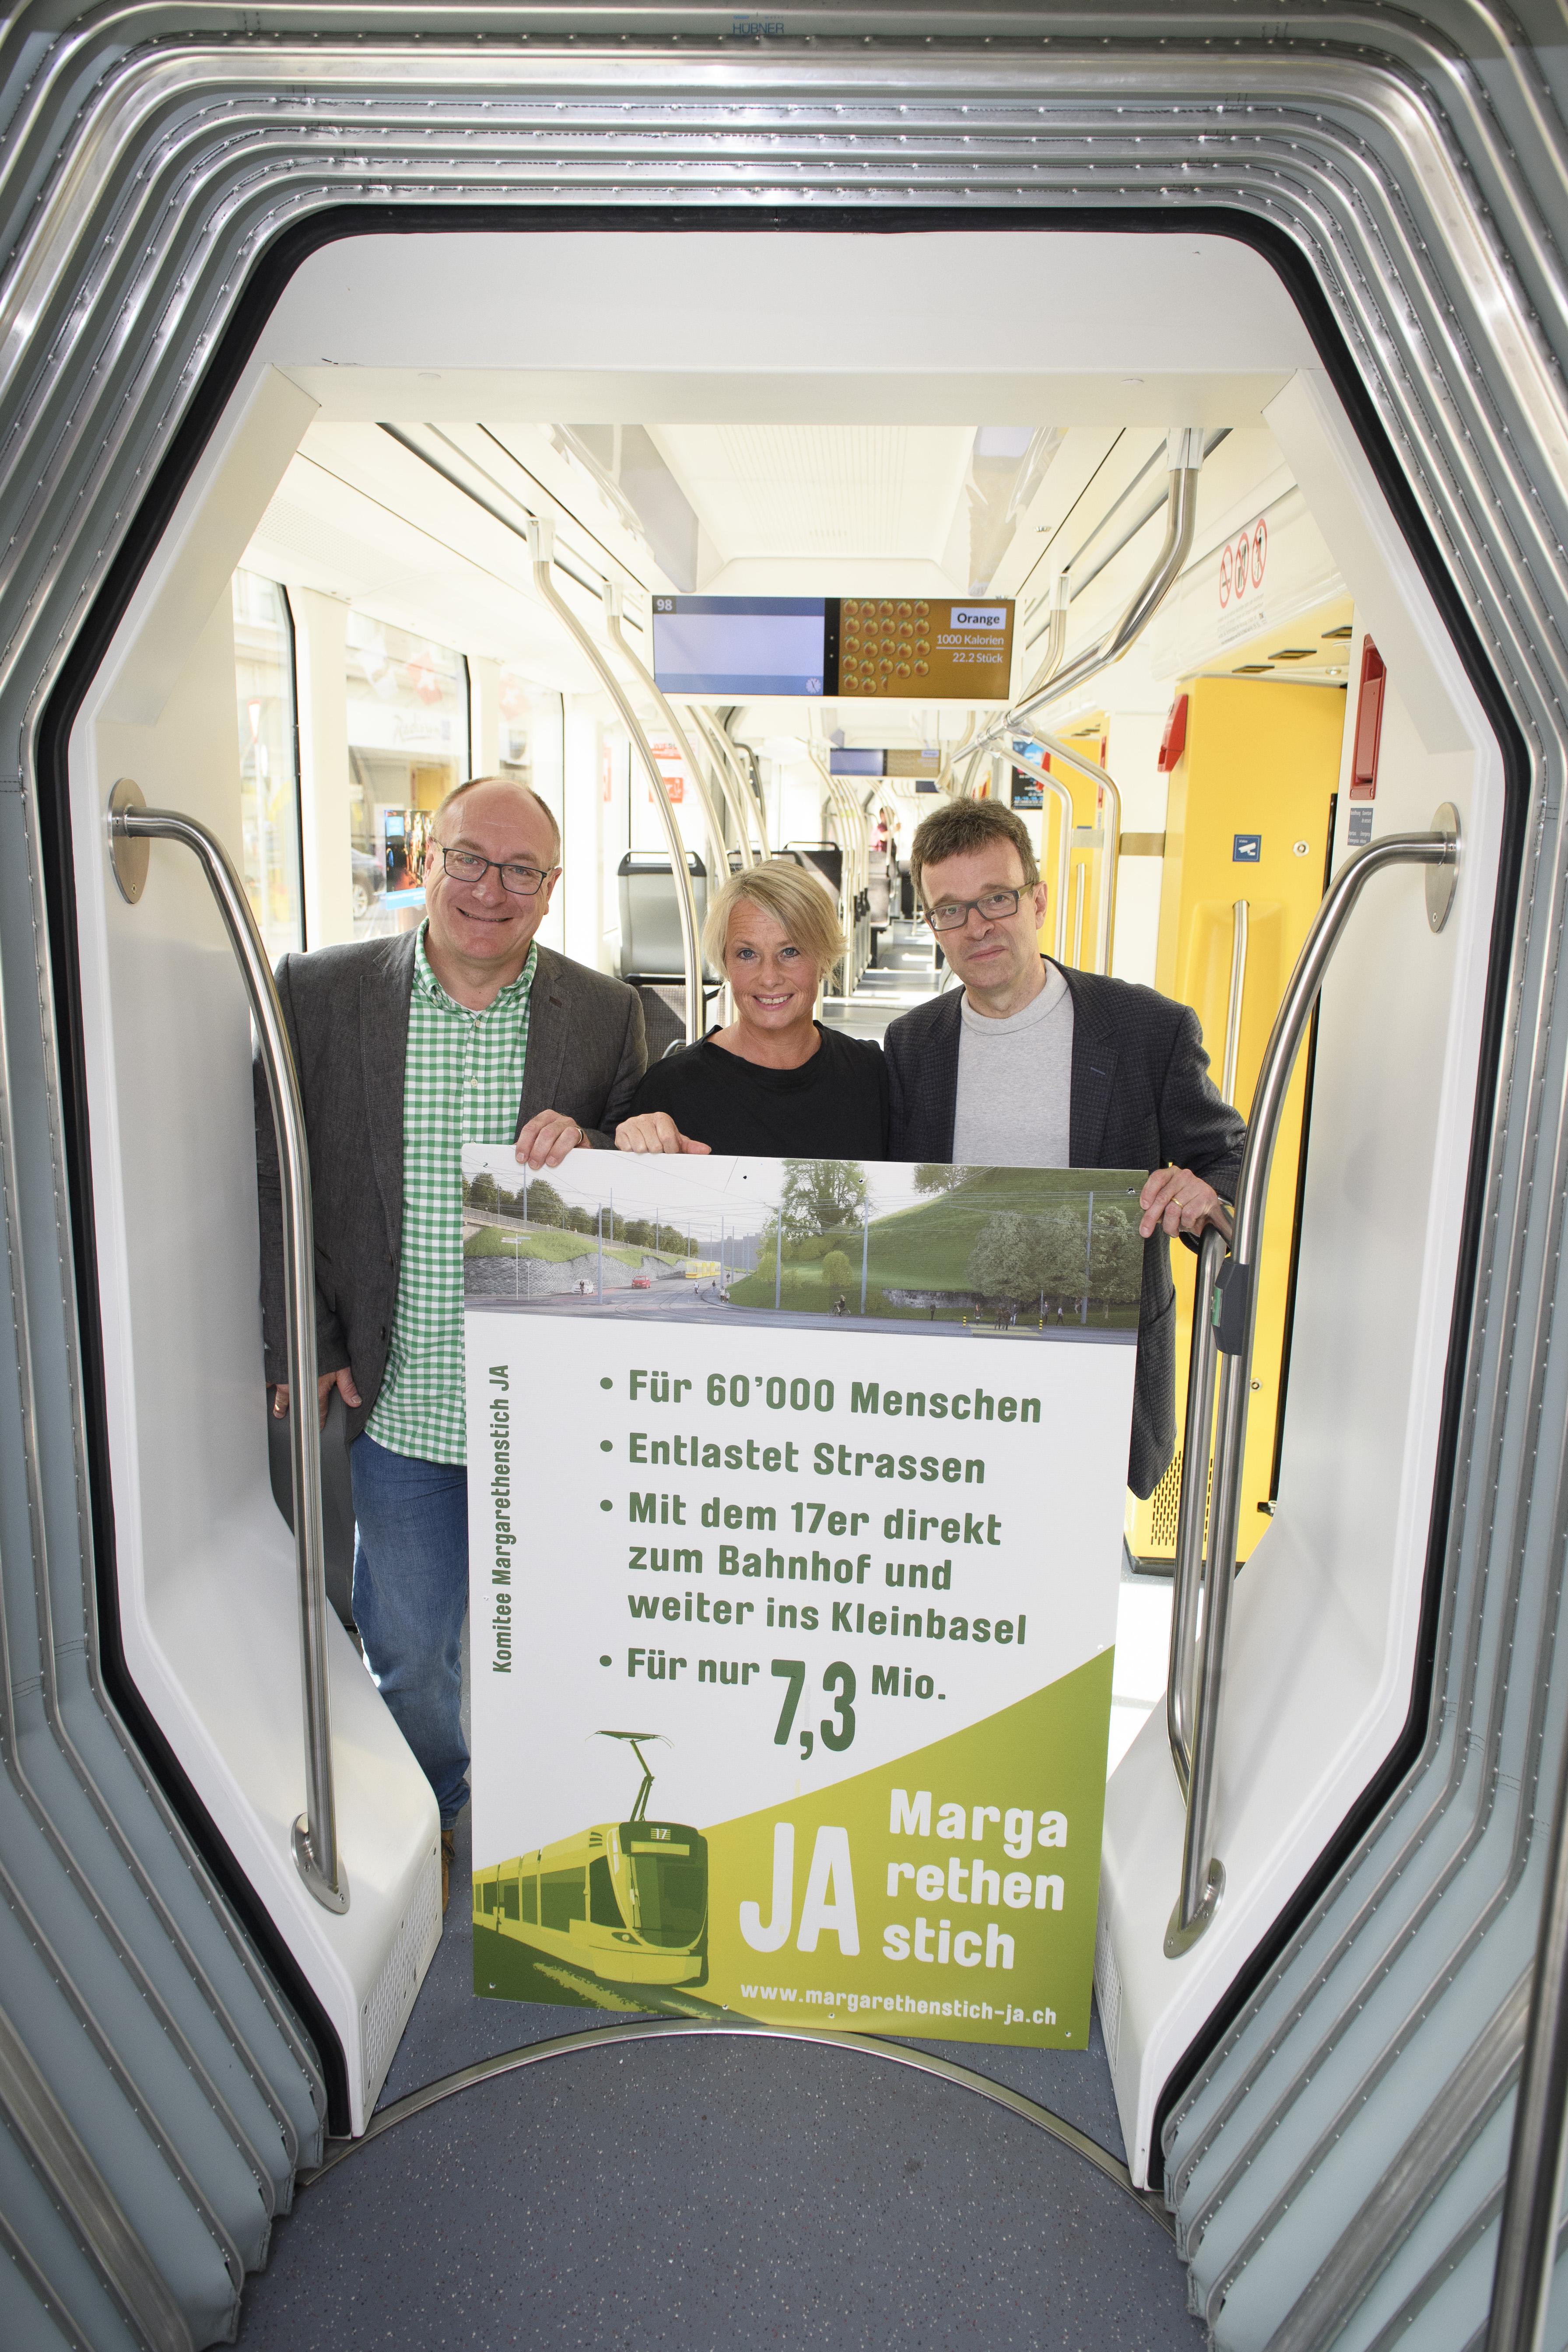 JA zum Margarethenstich – starke ÖV-Anbindung des Leimentals ist Gewinn für ganze Region